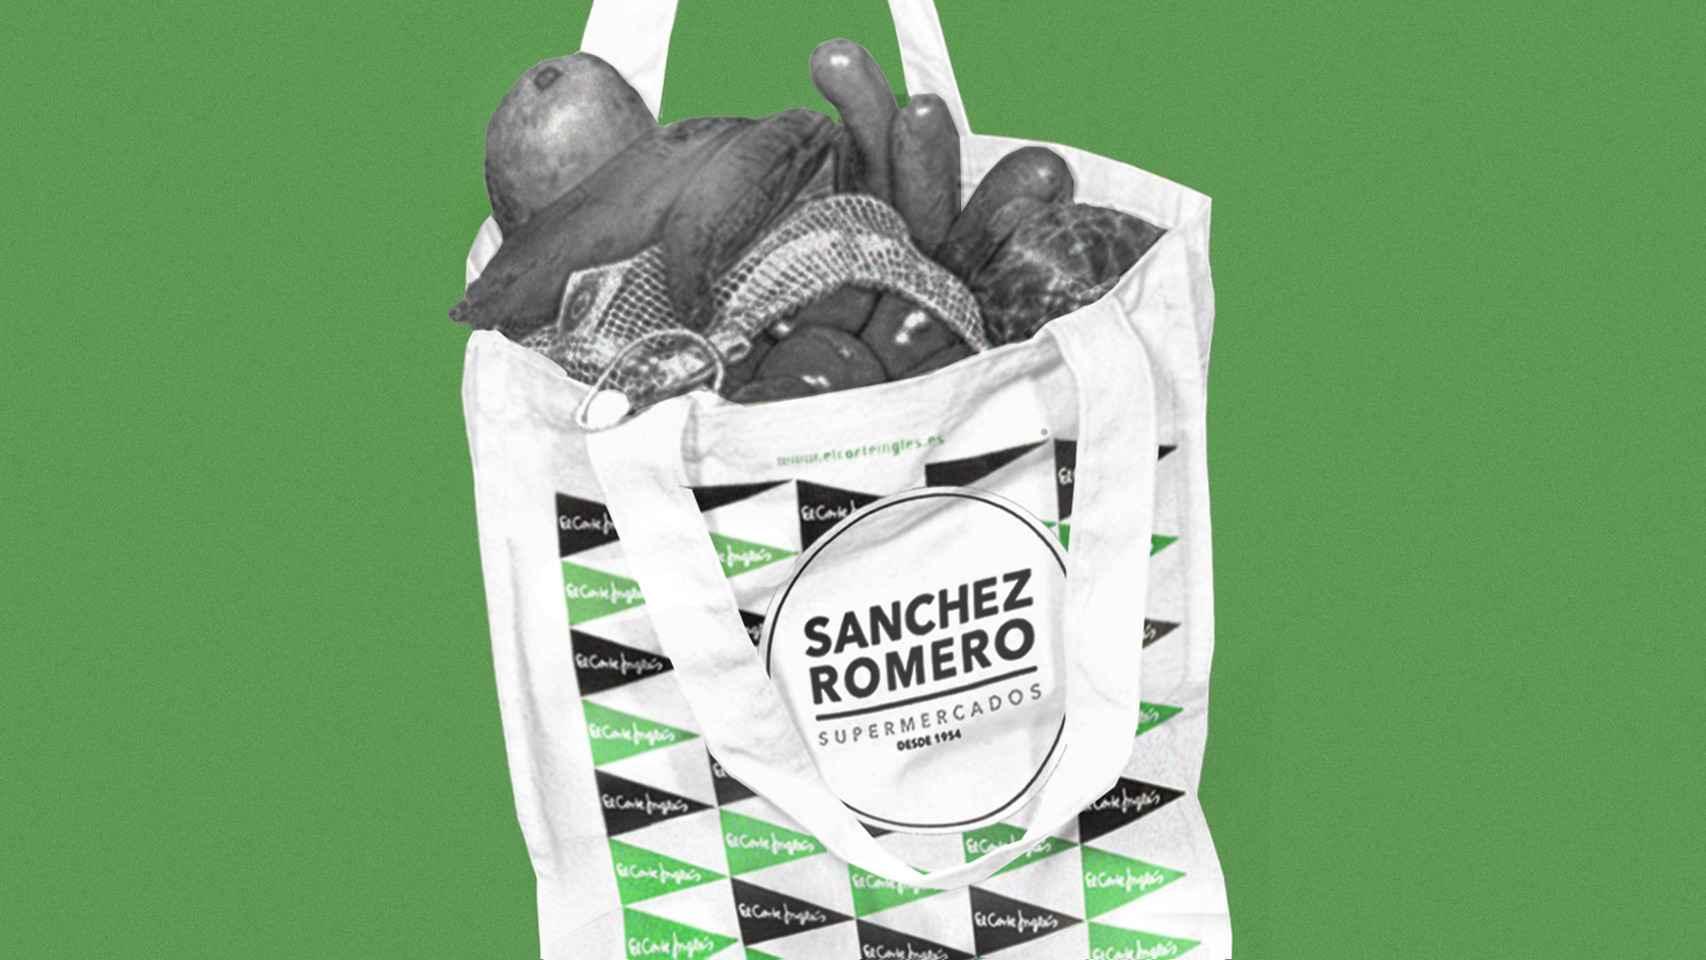 El Corte Inglés ha comprado Sánchez Romero.